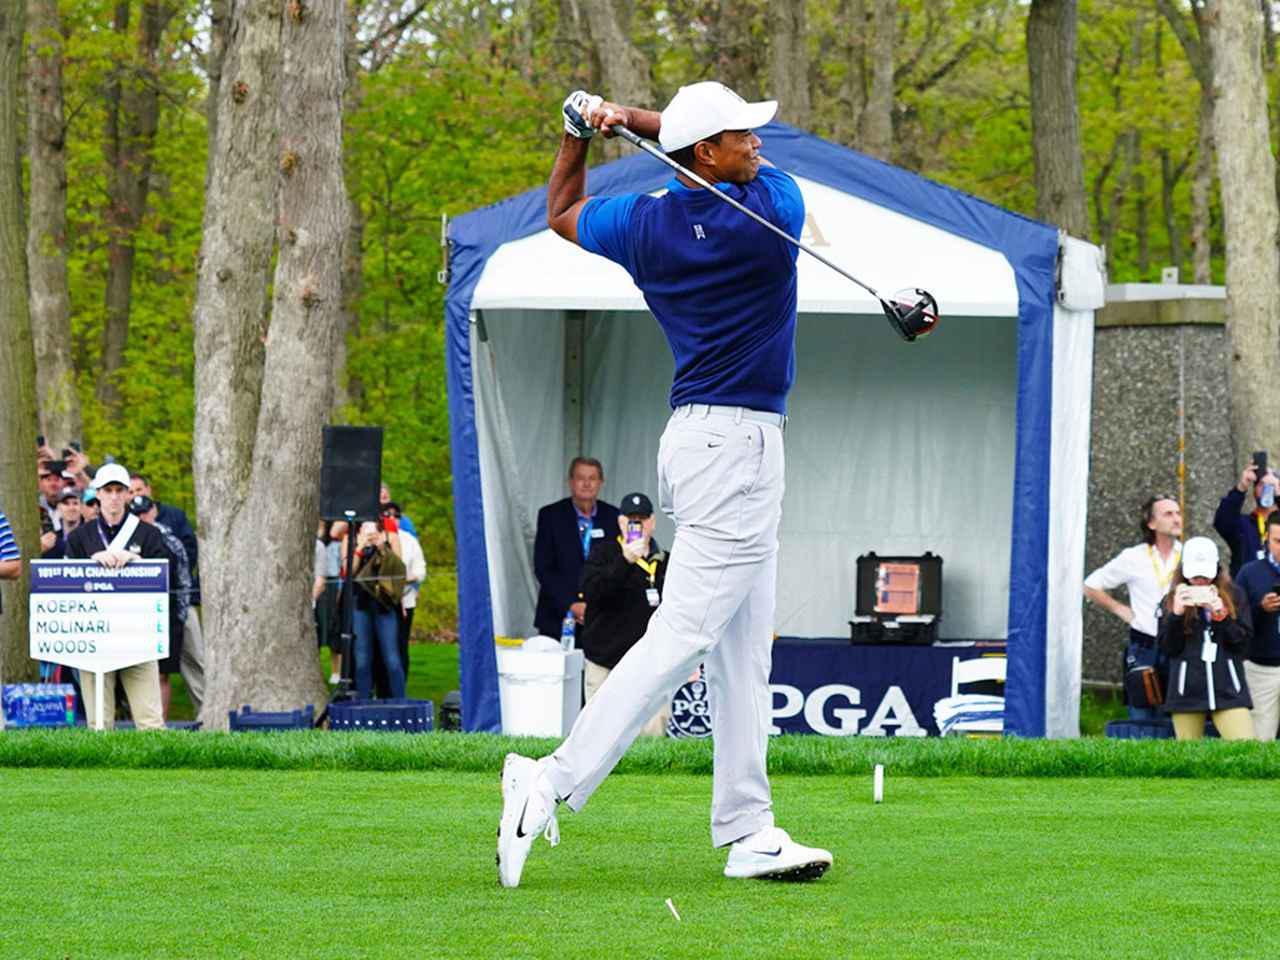 画像6: 【タイガー・ウッズ】PGAツアー82勝の偉業達成。43歳の新スウィングは手首が自然にリリース。体にやさしい、アマのお手本!